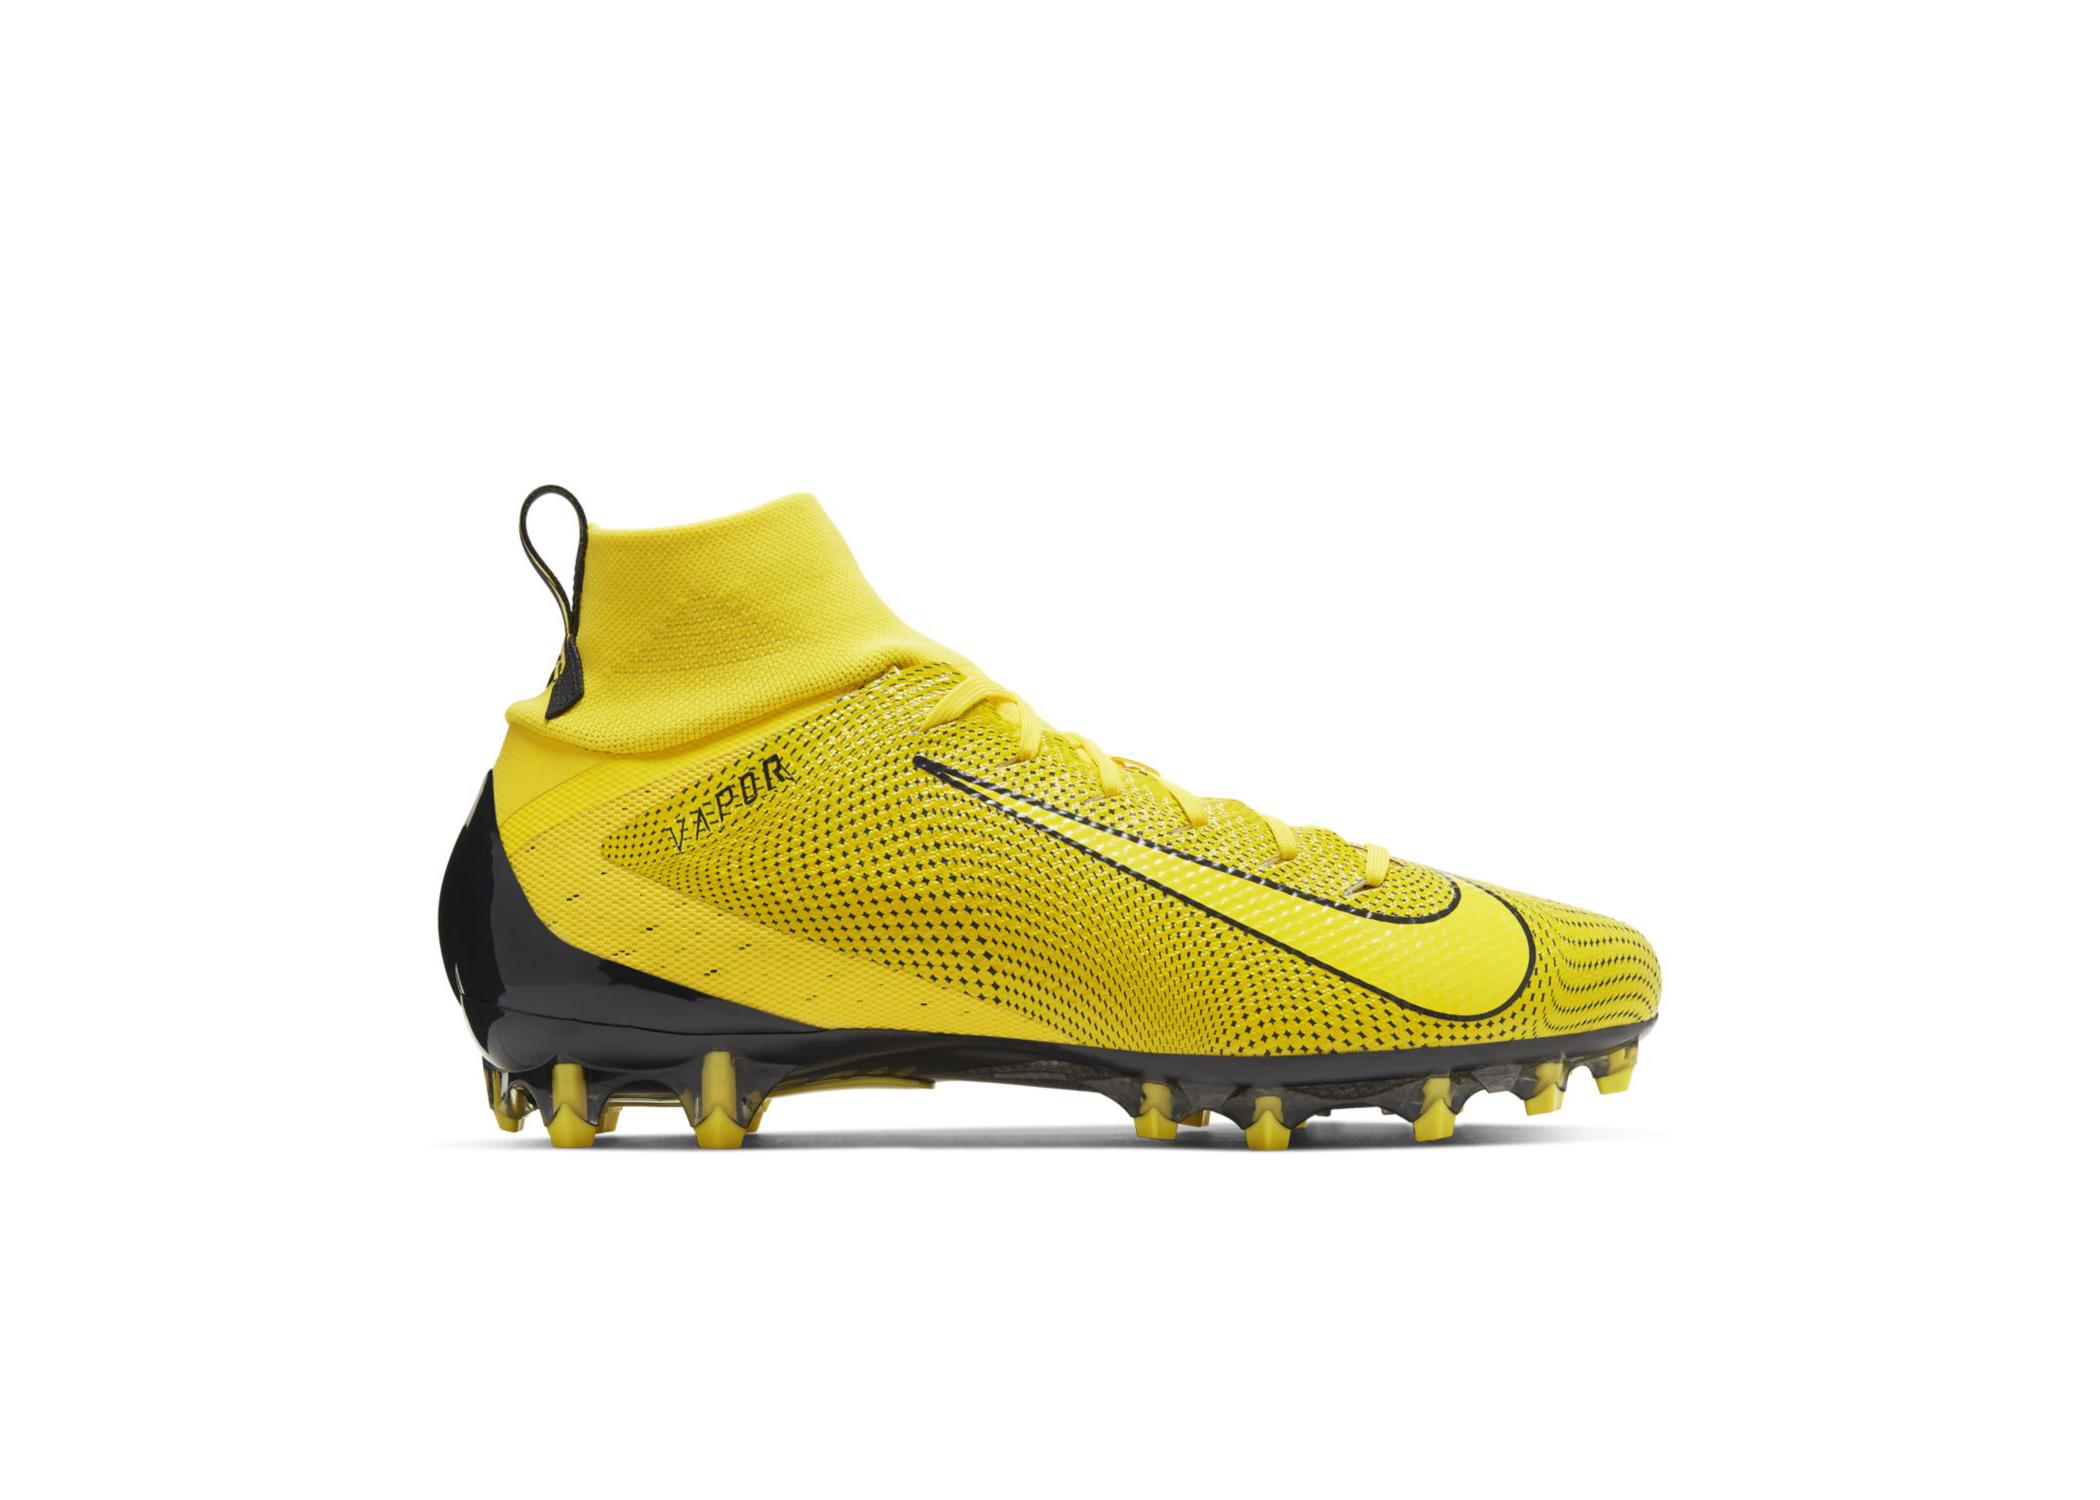 Nike Vapor Untouchable 3 Pro Opti